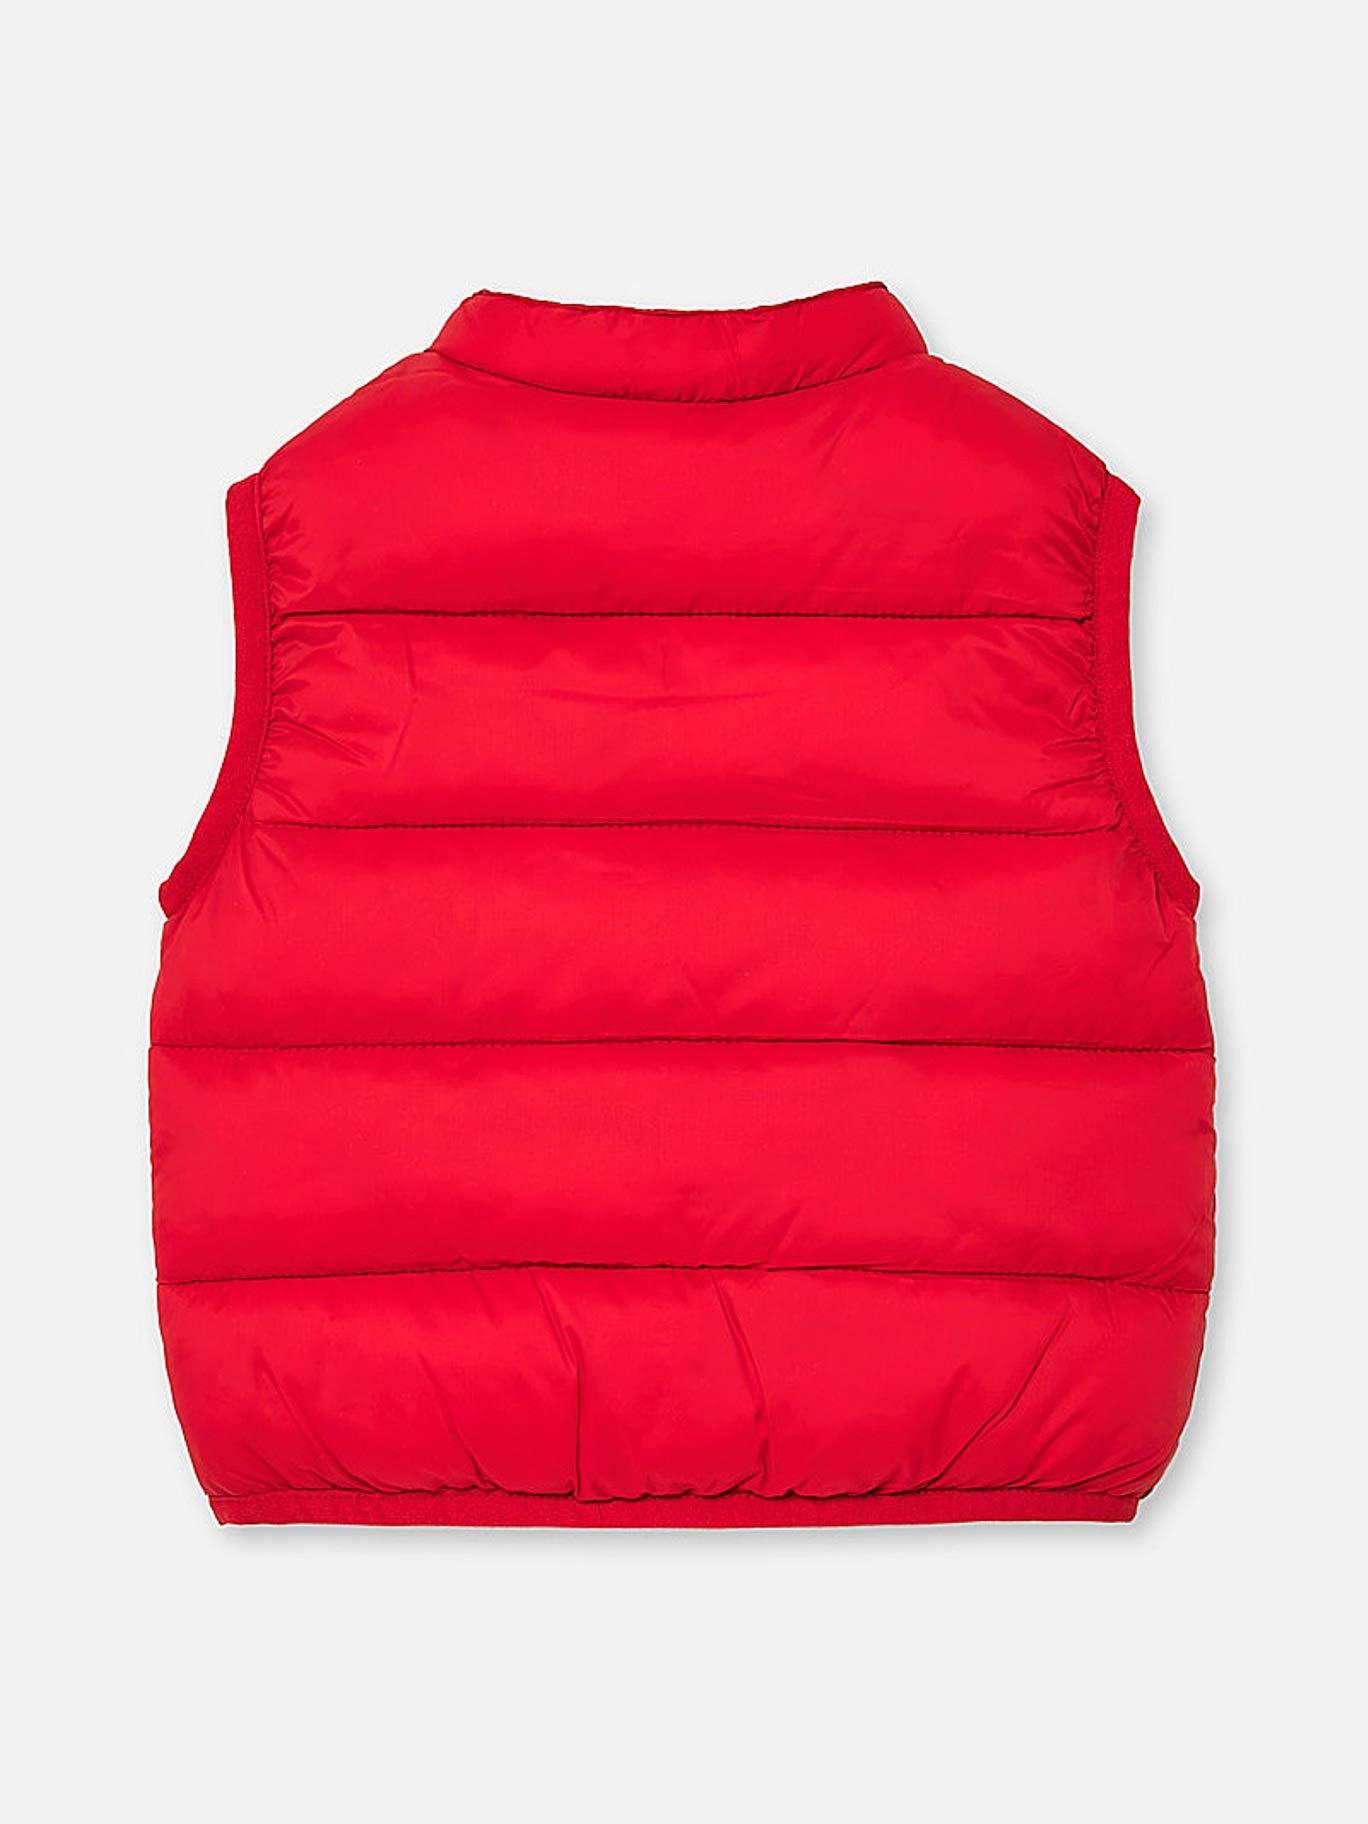 Mayoral, Chaleco para bebé niño - 1466, Rojo 2